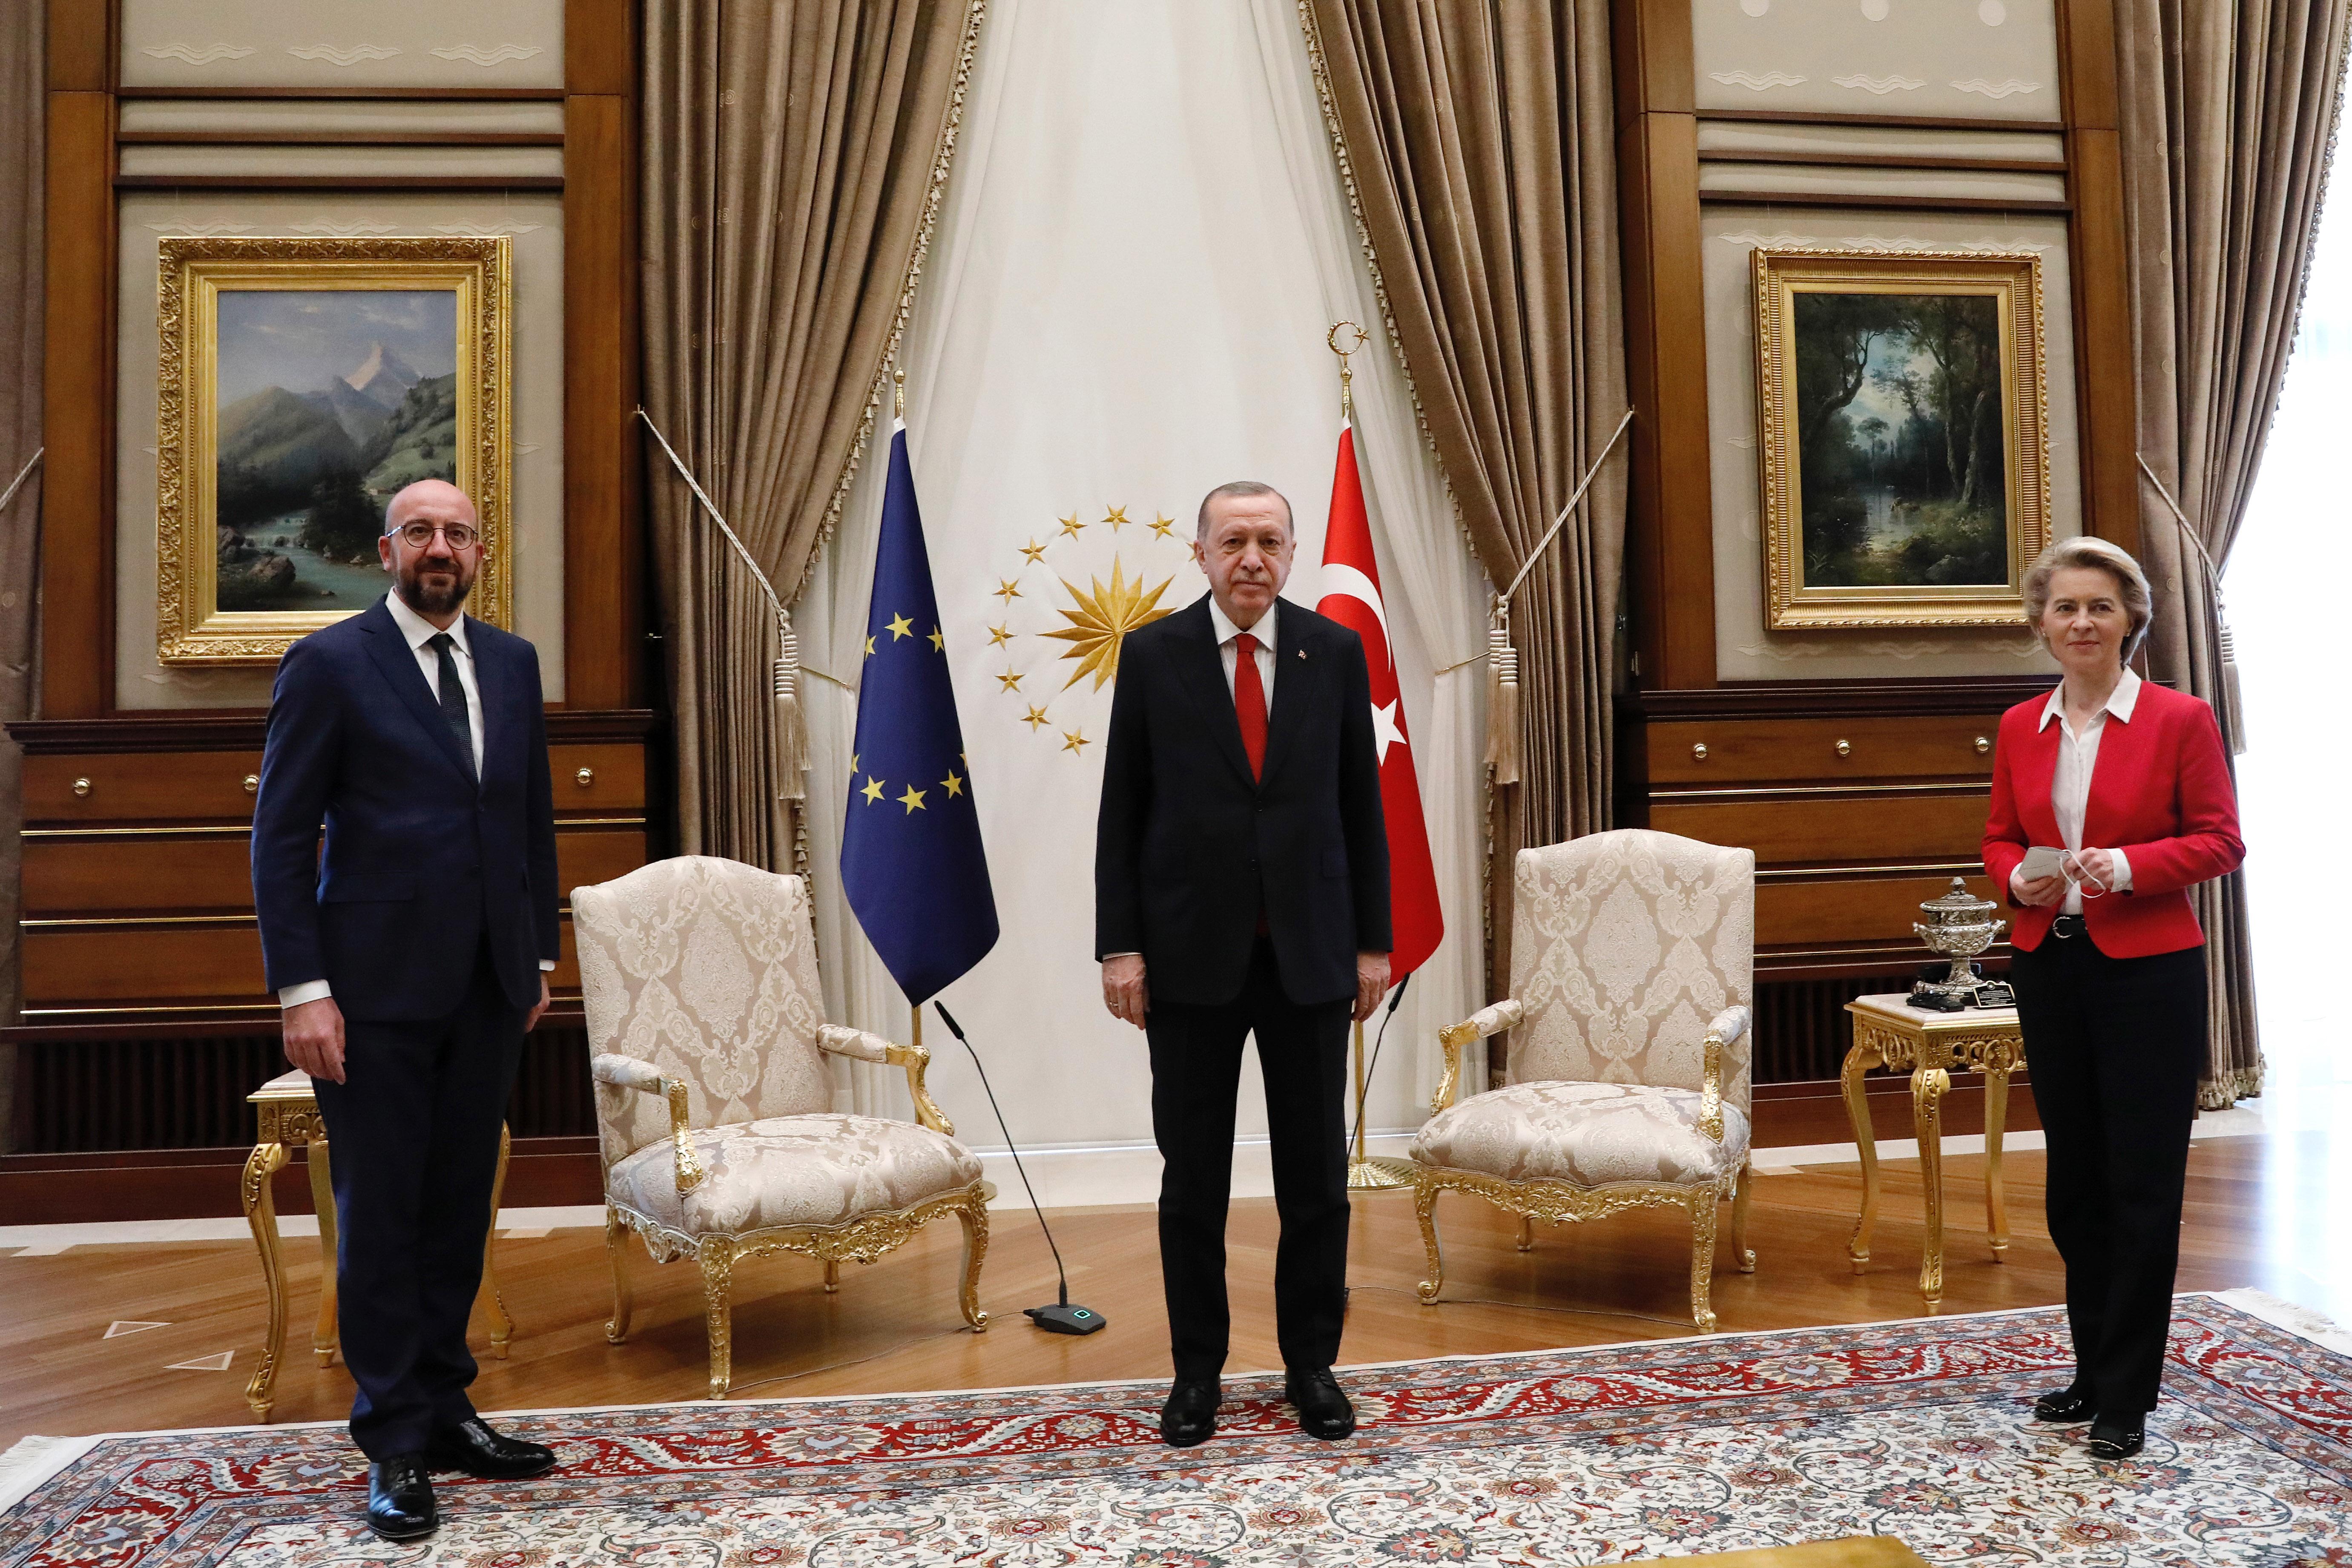 Премьер Италии назвал Эрдогана диктатором из-за униженной главы Еврокомиссии